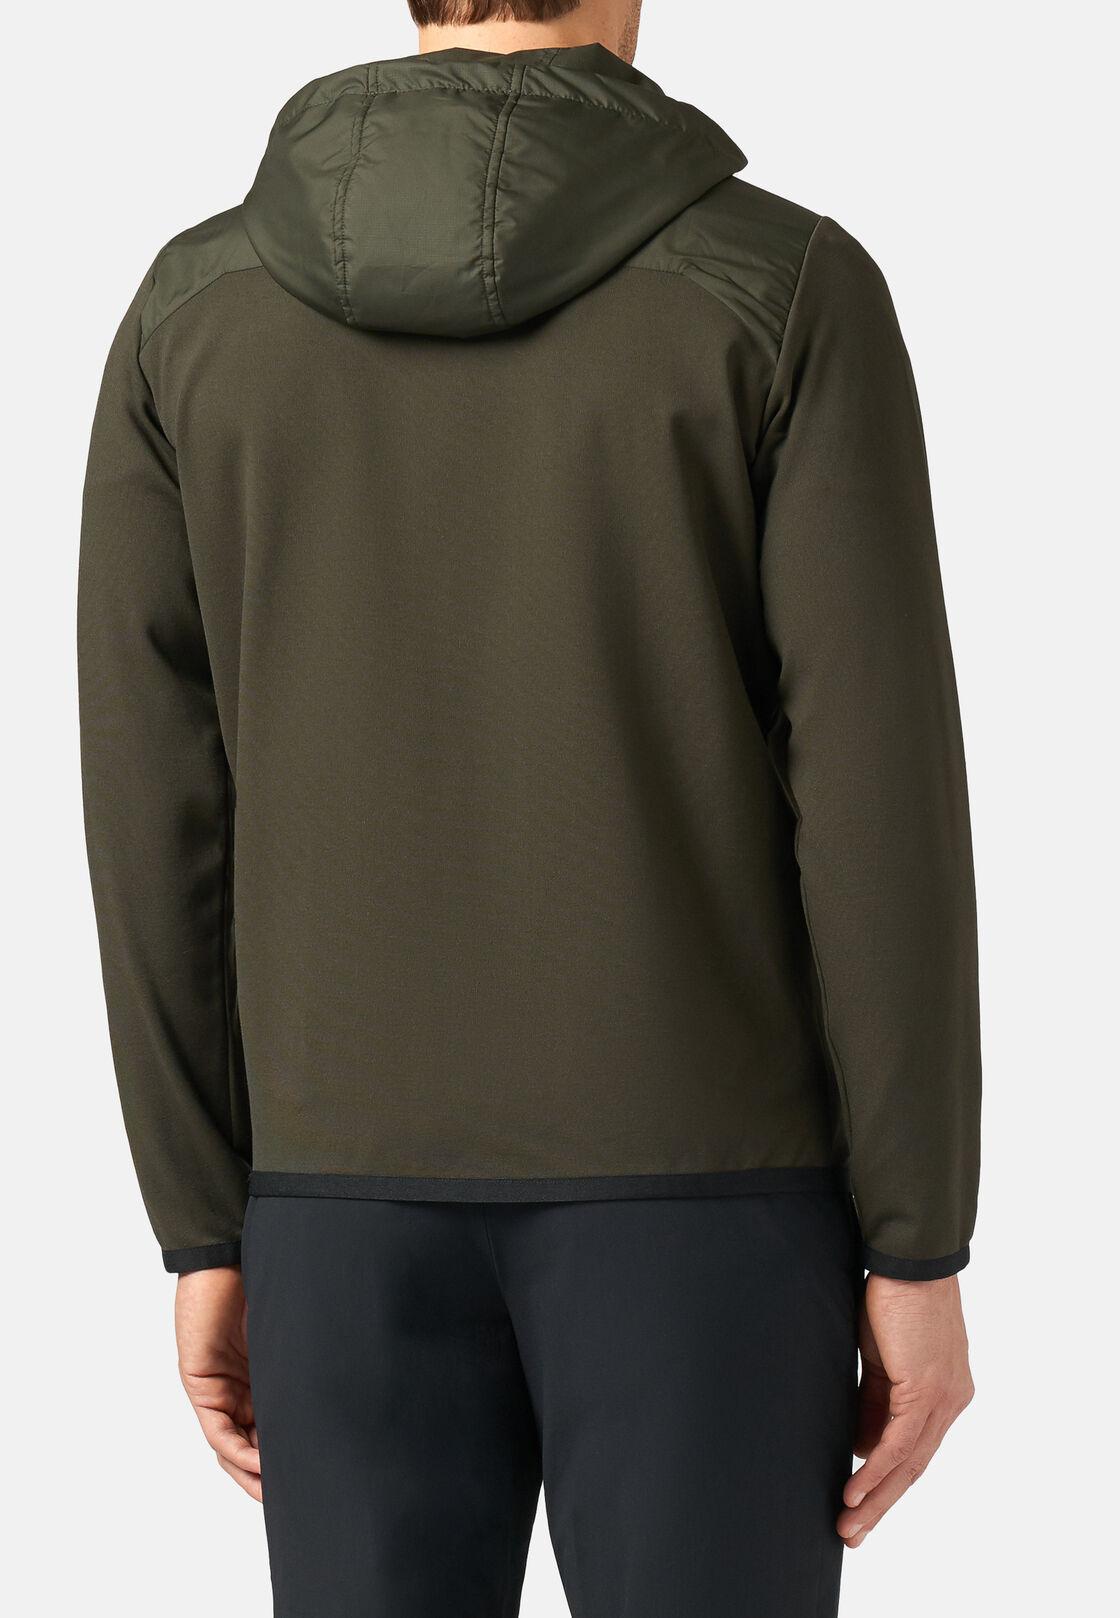 Sweatshirt mit durchgehendem reißverschluss und kapuze aus interlock, Militärgrün, hi-res